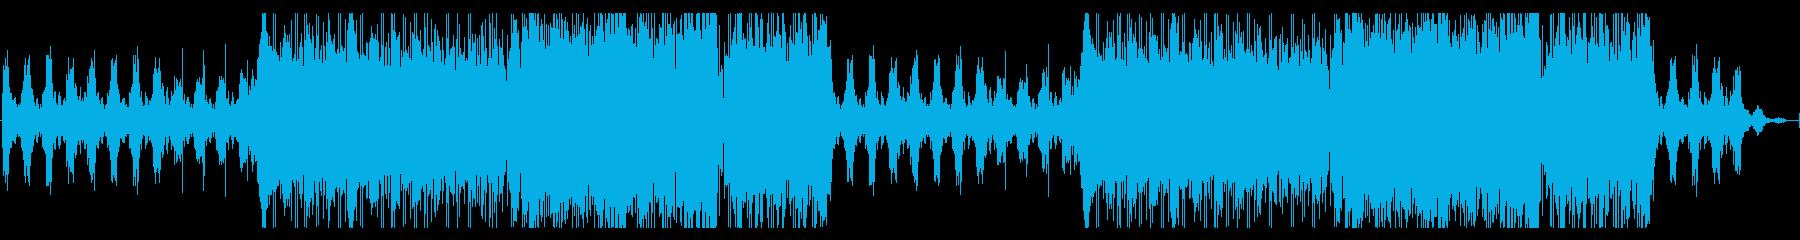 迫力あるパーカッションのストリングスの曲の再生済みの波形